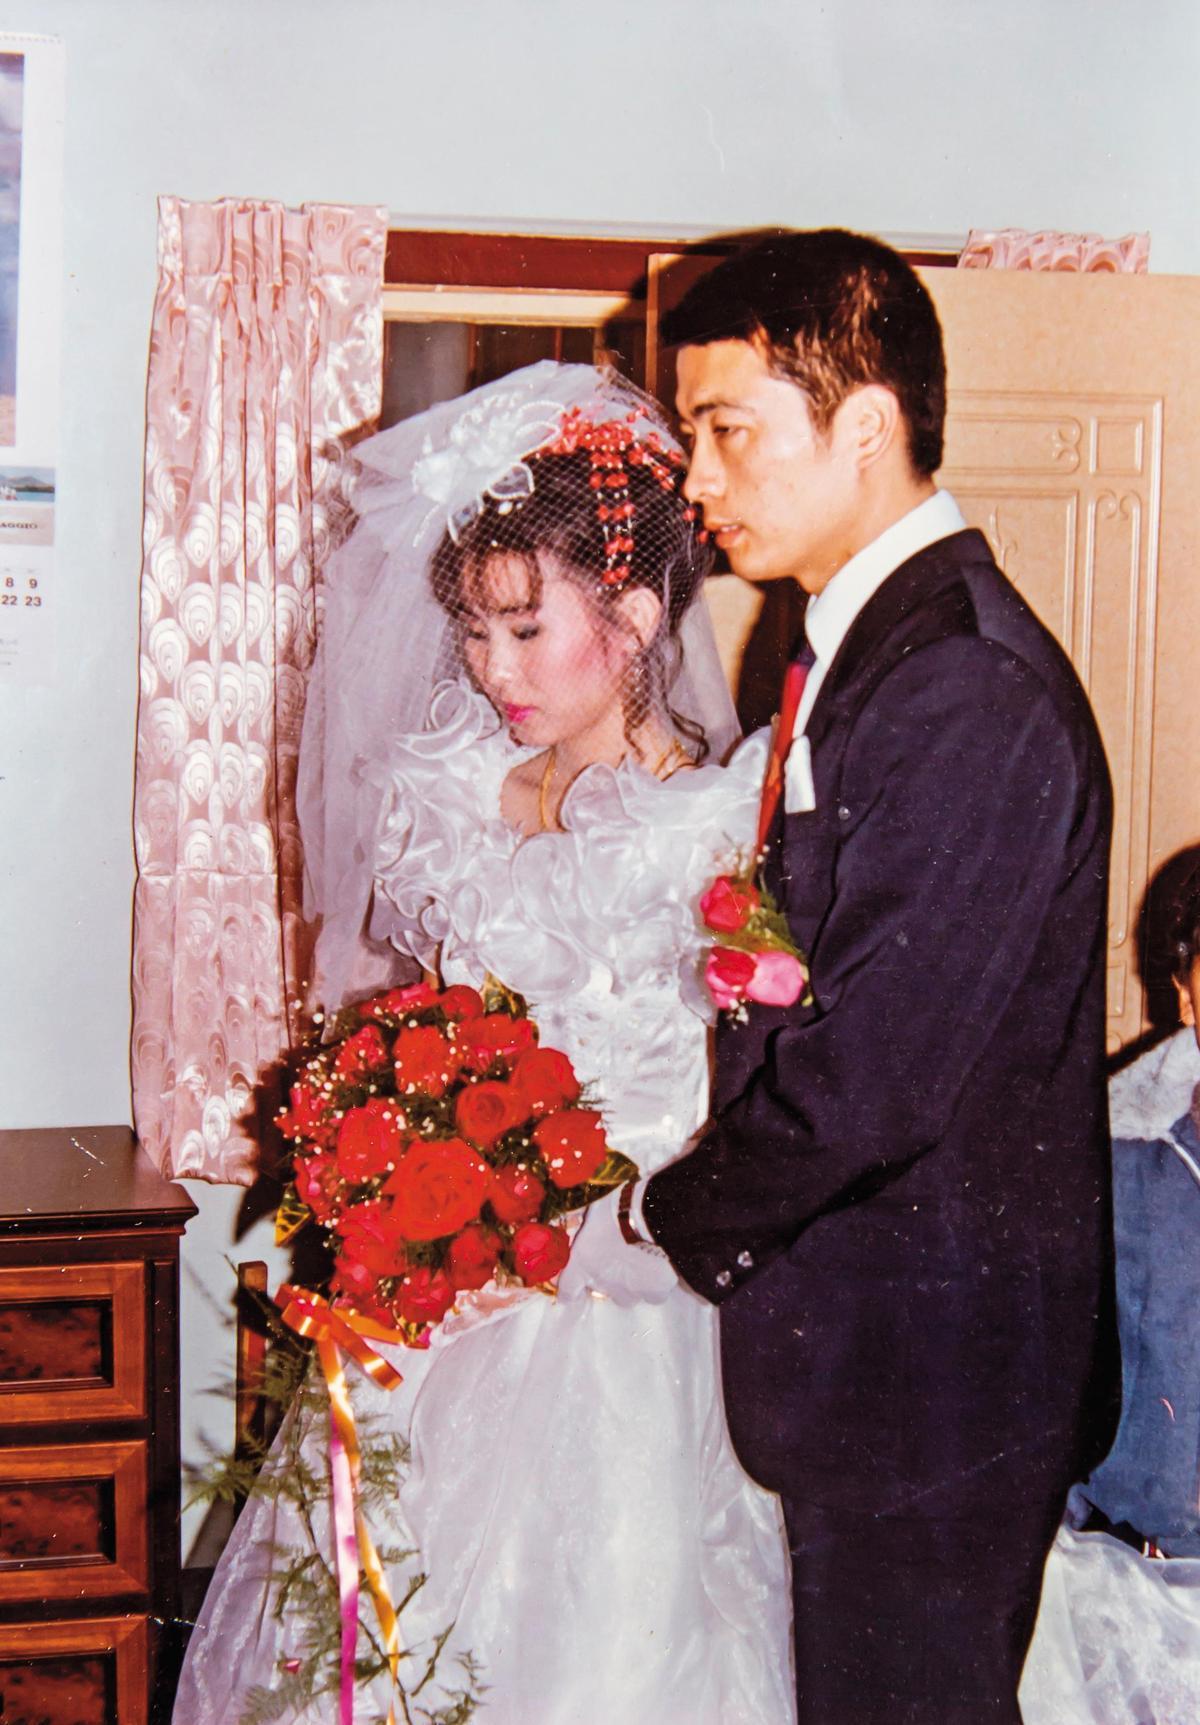 雖因家貧遭太太家人反對,但太太執意嫁他,婚後2人共同打拚事業。(吳文彬提供)